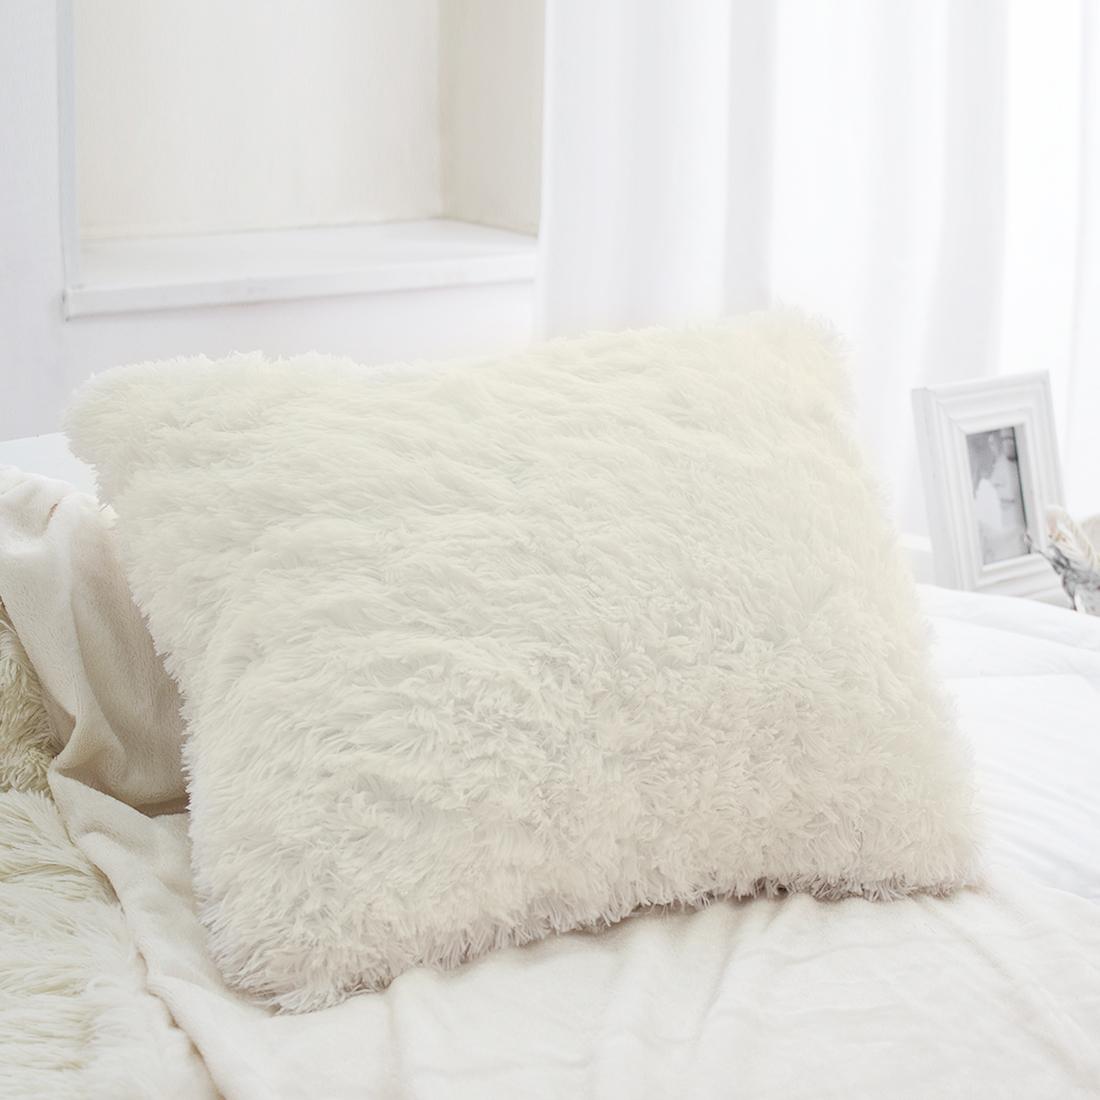 Наволочка декоративная Dome Taeppe, цвет: молочный, 45x45 смdme330711Подушка из искусственного меха — настоящее украшение спальни и гостиной. Пара пушистых подушек создаст уют вокруг себя, они станут мягкой опорой для уставшей за день спины. Искусственный мех очень практичен: в отличие от меха натурального, подушку из искусственного меха можно стирать в машинке, а после стирки достаточно встряхнуть и расчесать, чтобы вернуть подушке вид пушистого облачка.